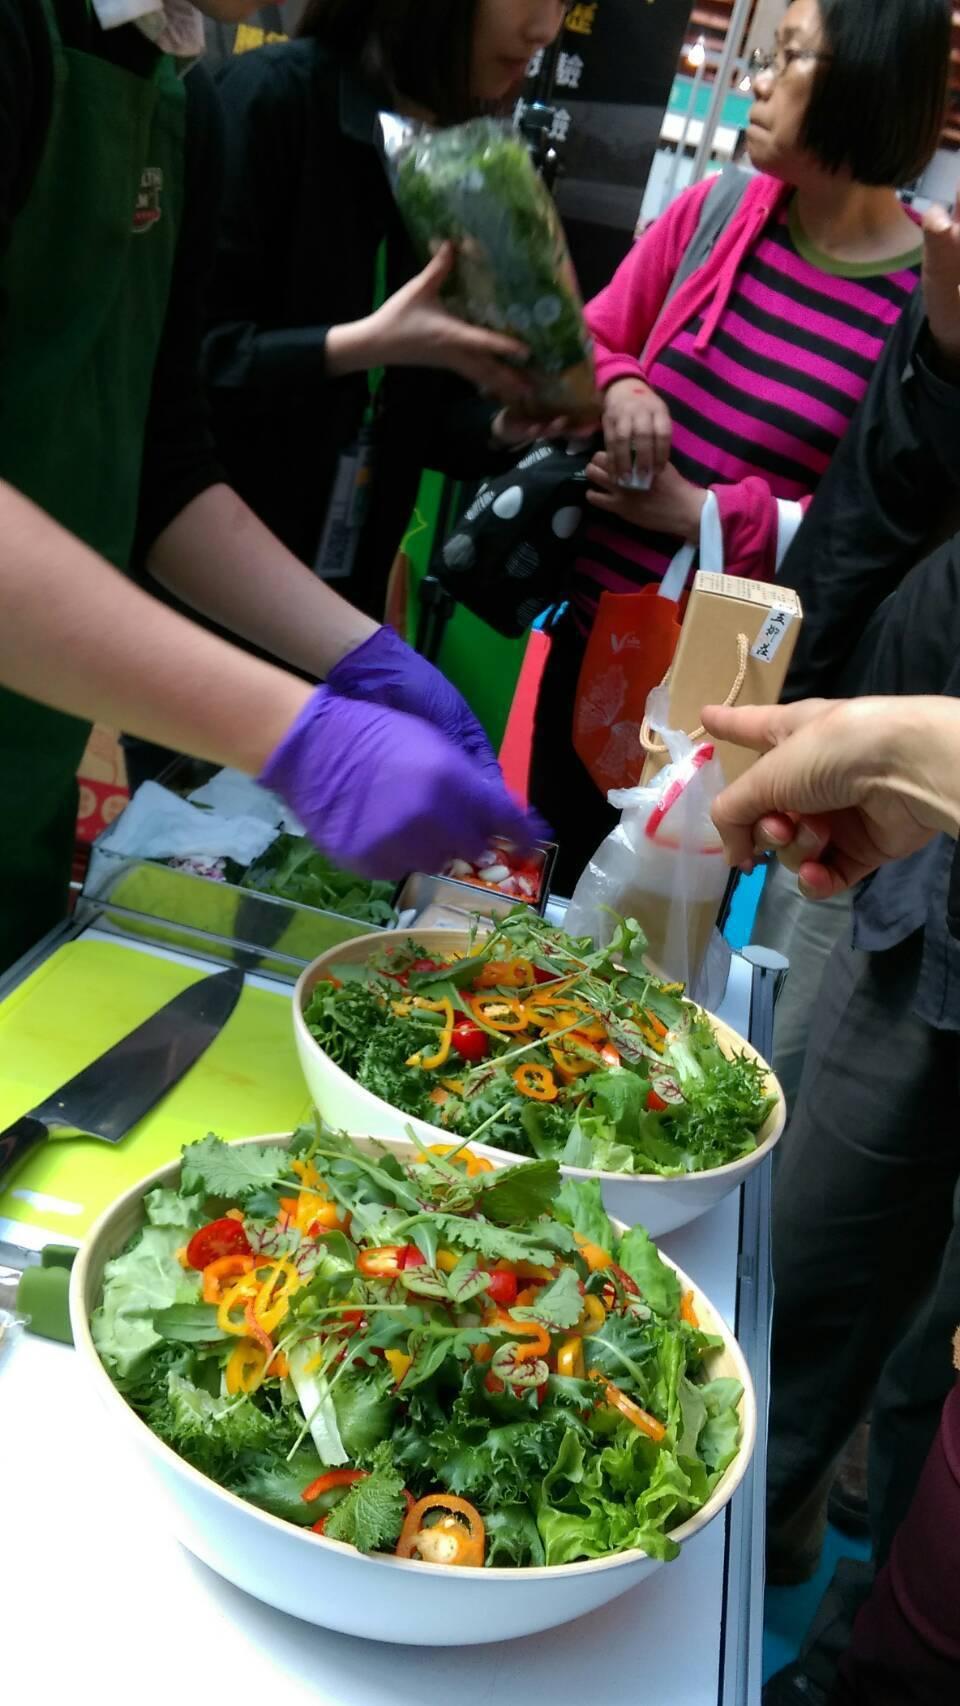 「種一顆好蔬菜、自已健康自已來」。找回健康的蔡文清現本著這樣的理念,要讓大家都能...